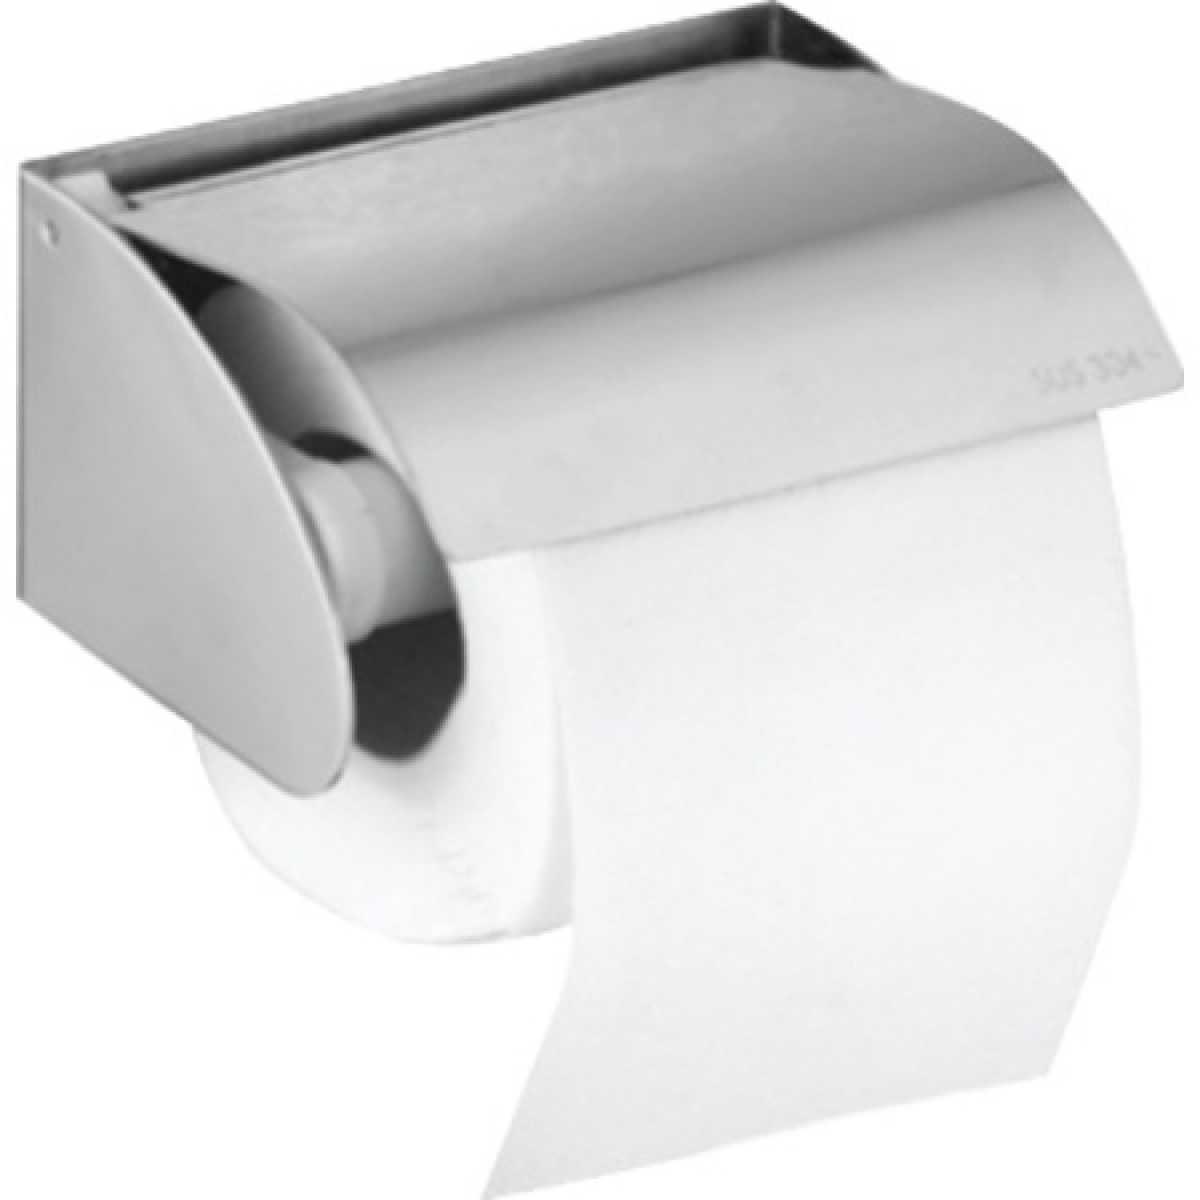 Tuvalet Kağıtlığı